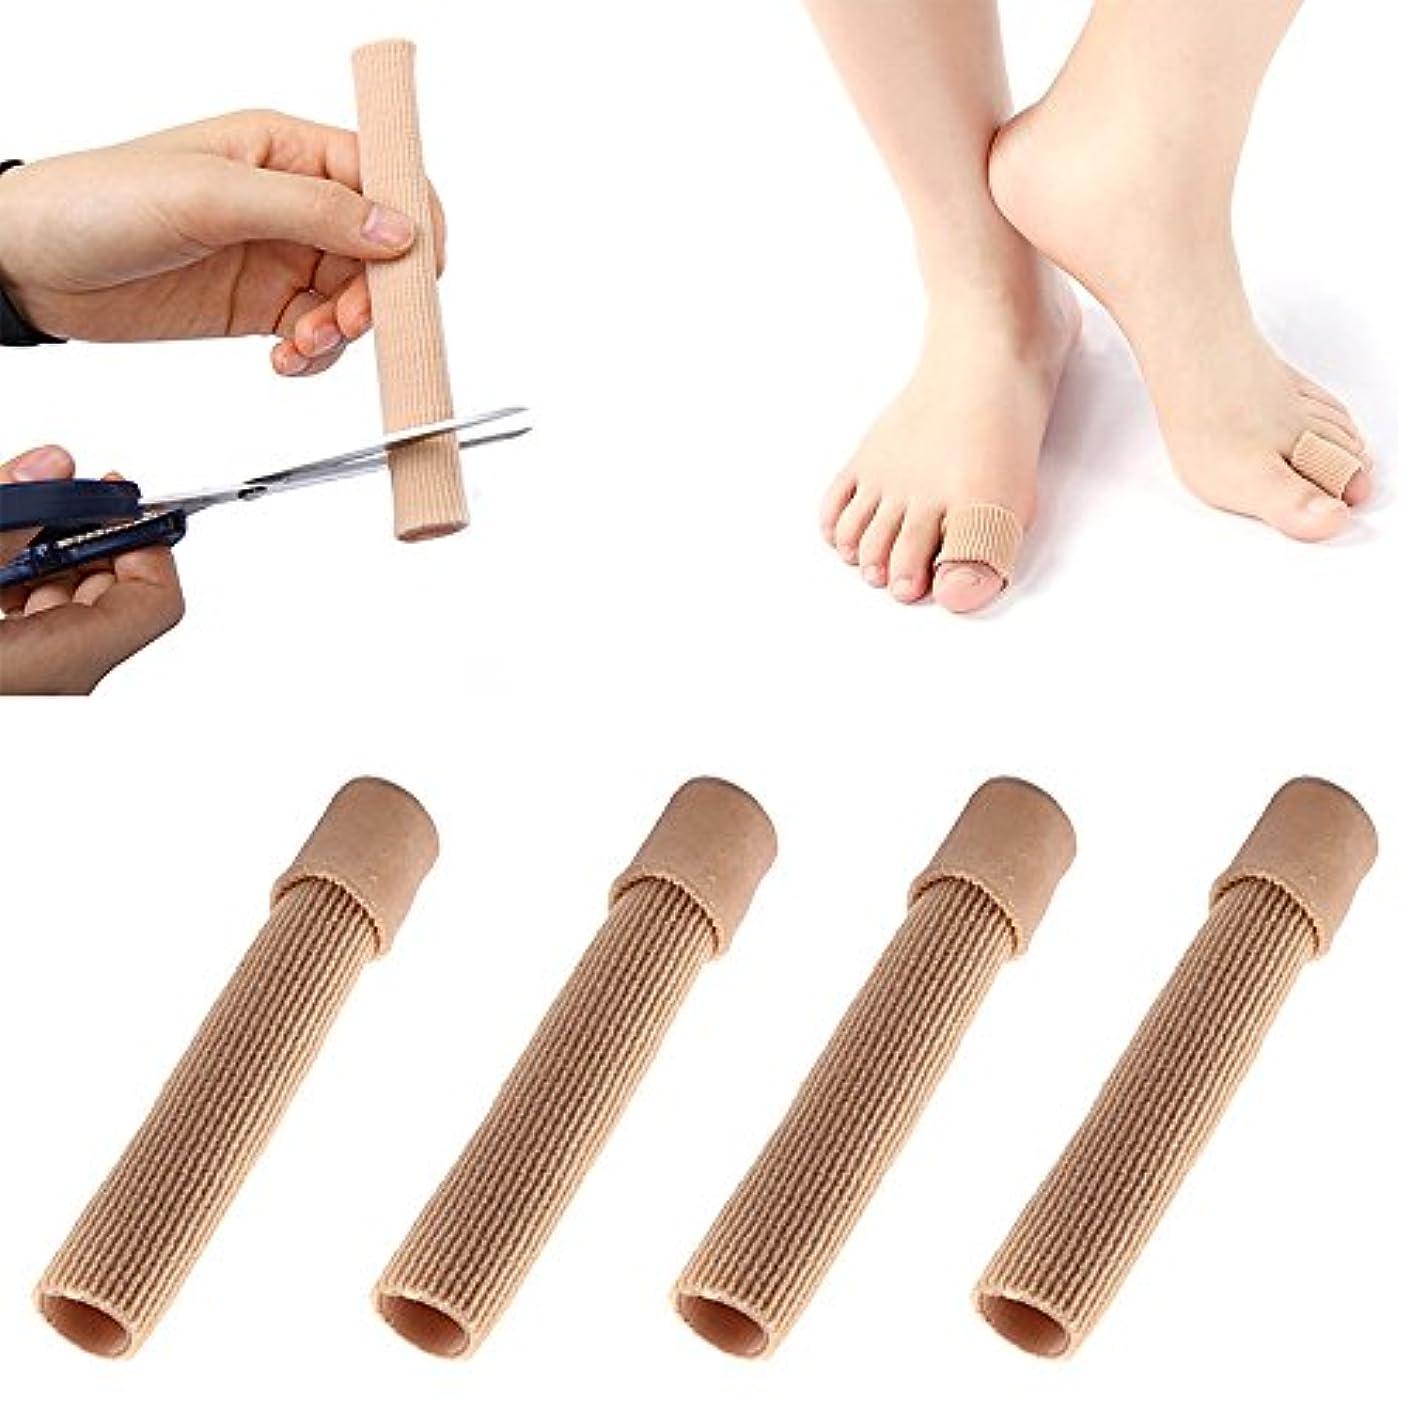 宣伝触手ファン足指保護キャップ 母趾 サポーター 足指クッション まめ ささくれ巻き爪 つま先用インソール メンズ レディーズ用 痛みをやわらゲル伸縮 柔軟 つま先サポーター